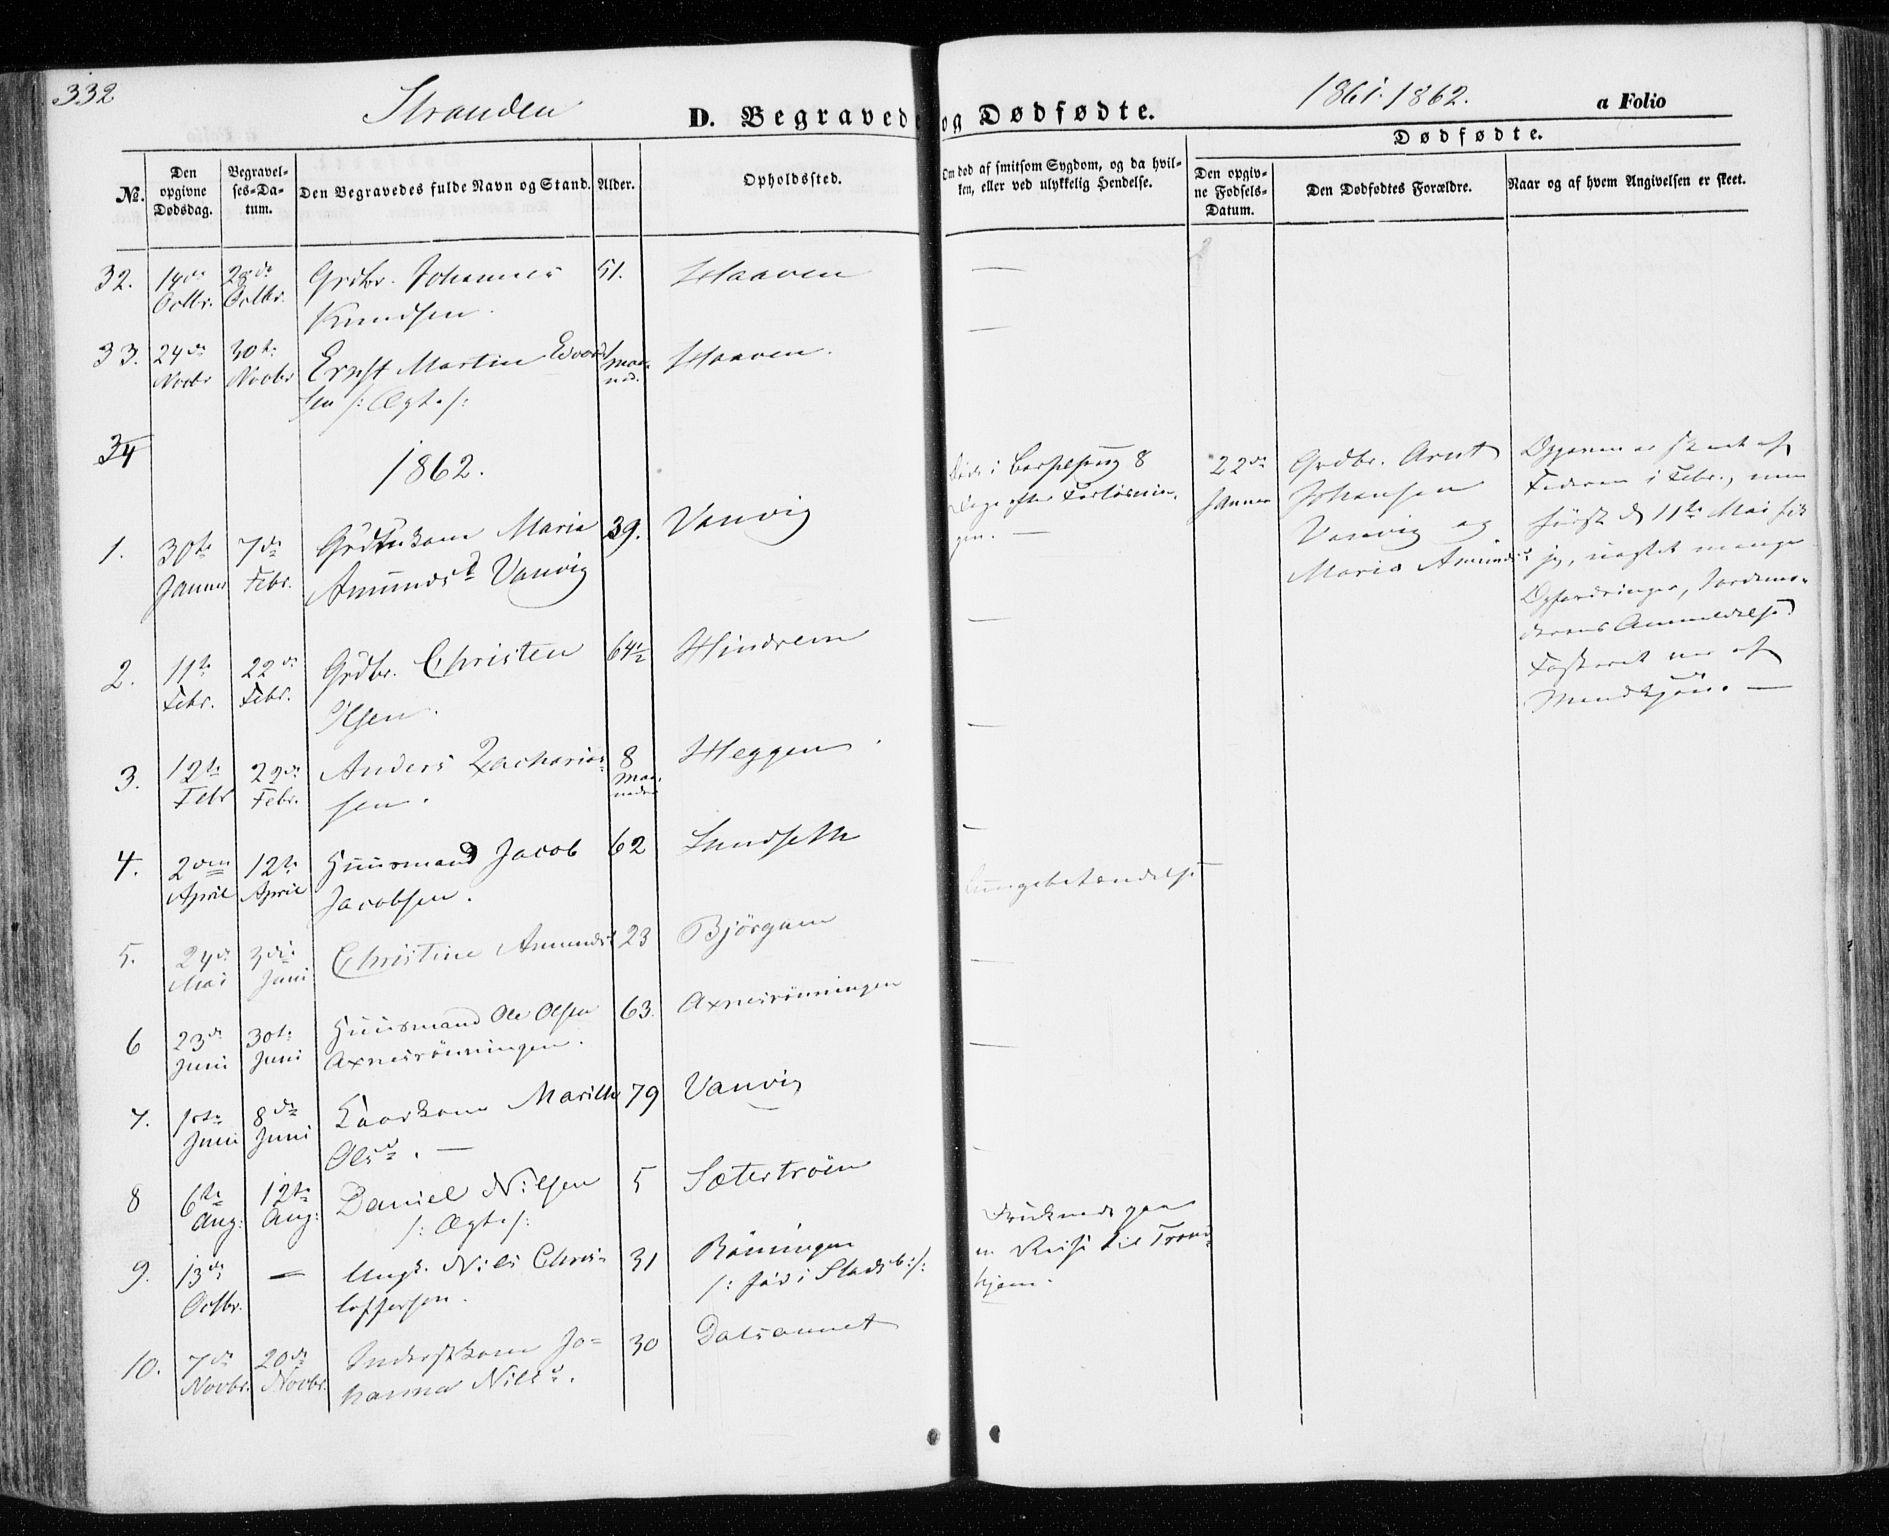 SAT, Ministerialprotokoller, klokkerbøker og fødselsregistre - Nord-Trøndelag, 701/L0008: Ministerialbok nr. 701A08 /2, 1854-1863, s. 332